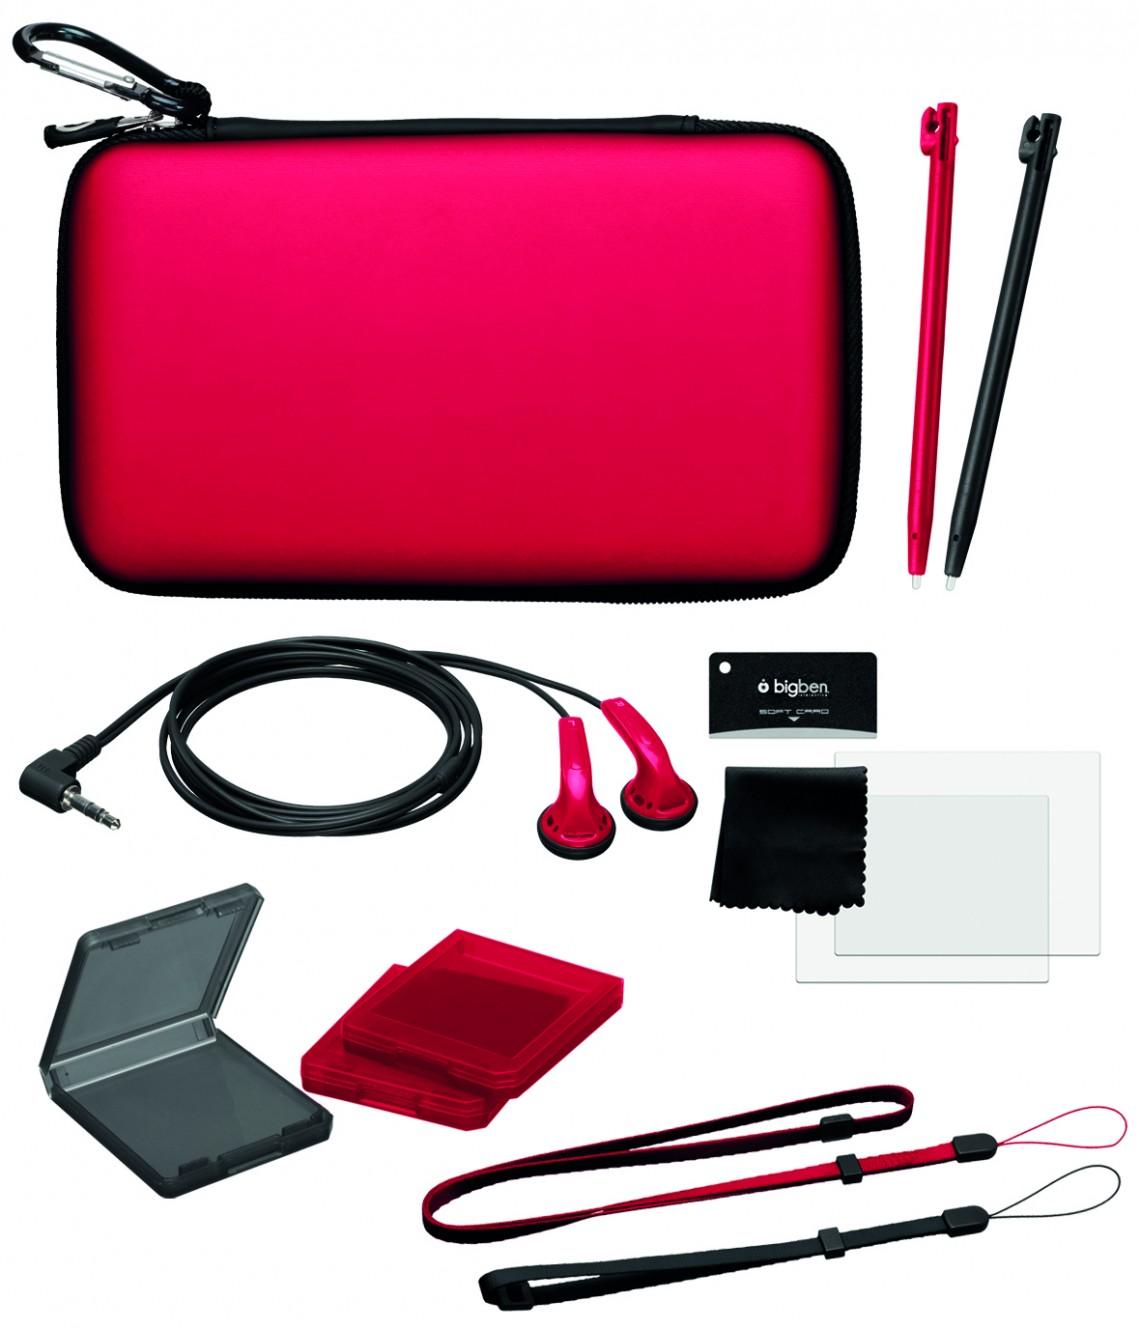 Pack Essential per 3DS™ XL - Immagine